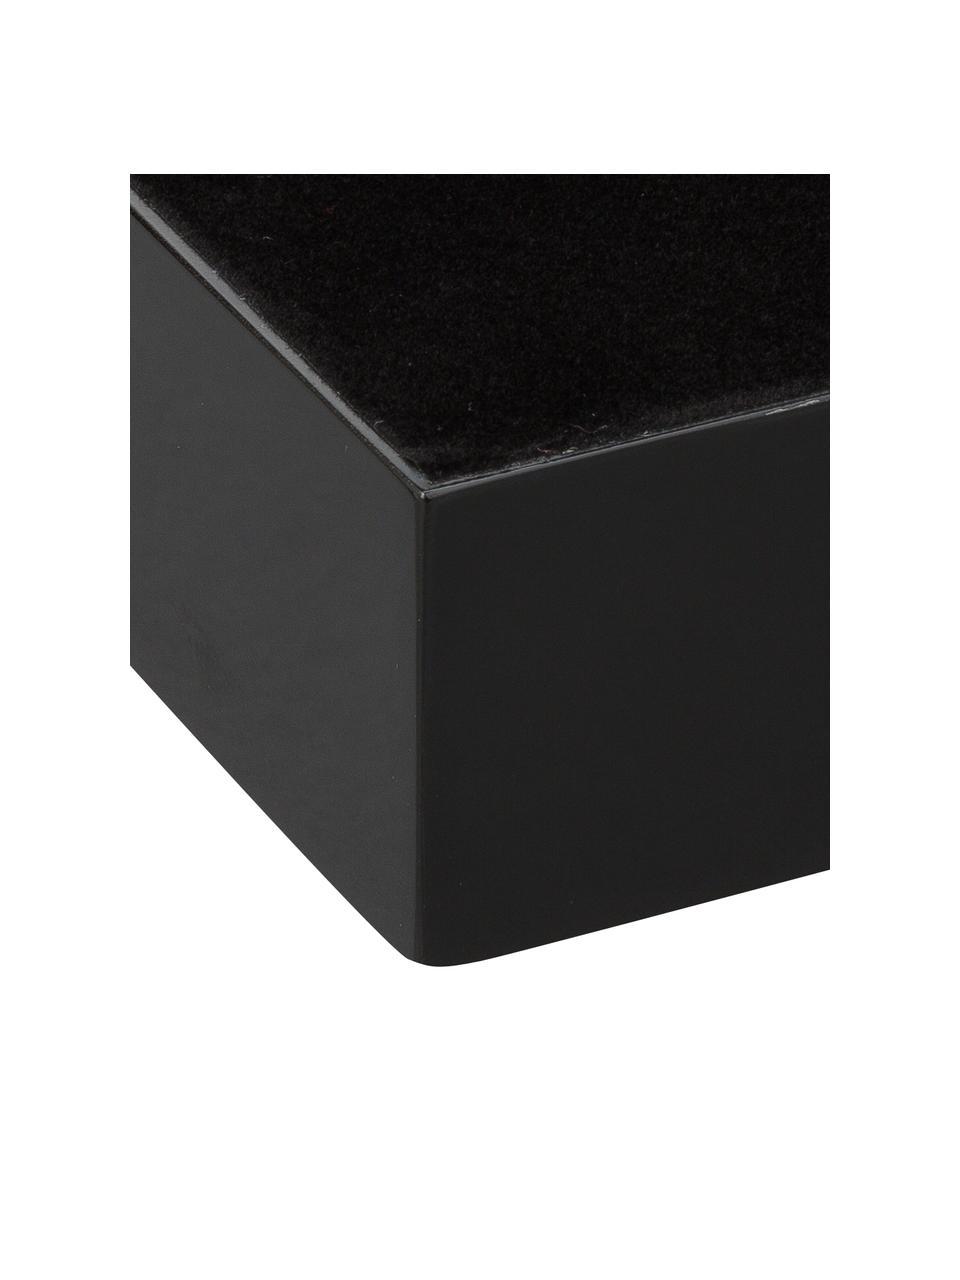 Taca z wysokim połyskiem Hayley, Czarny Spód: czarny, D 50 x S 35 cm